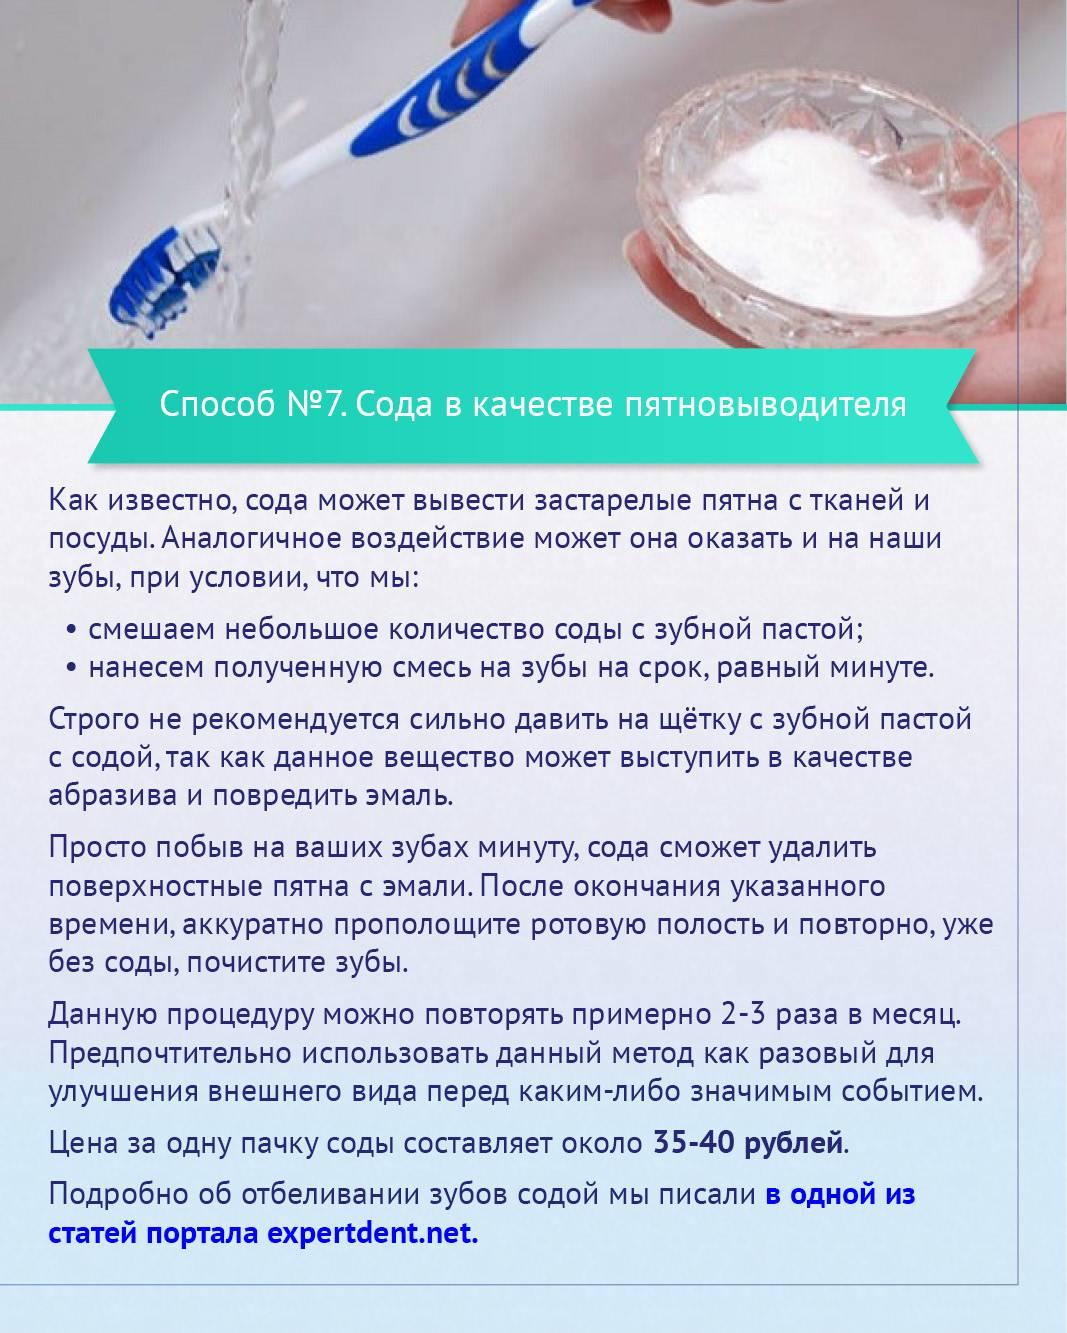 Как правильно чистить содой зубы в домашних условиях